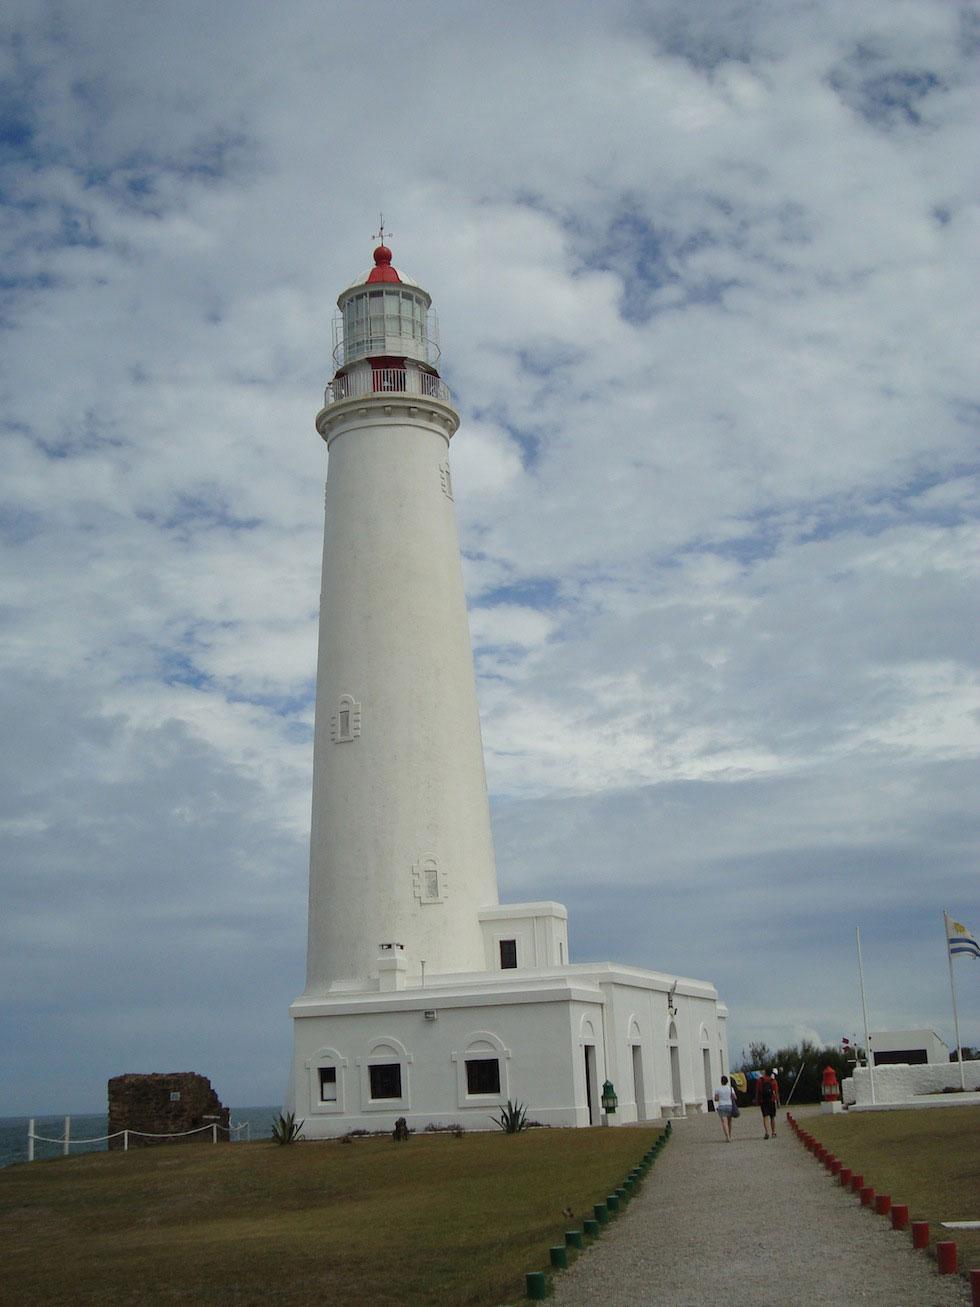 La Paloma lighthouse